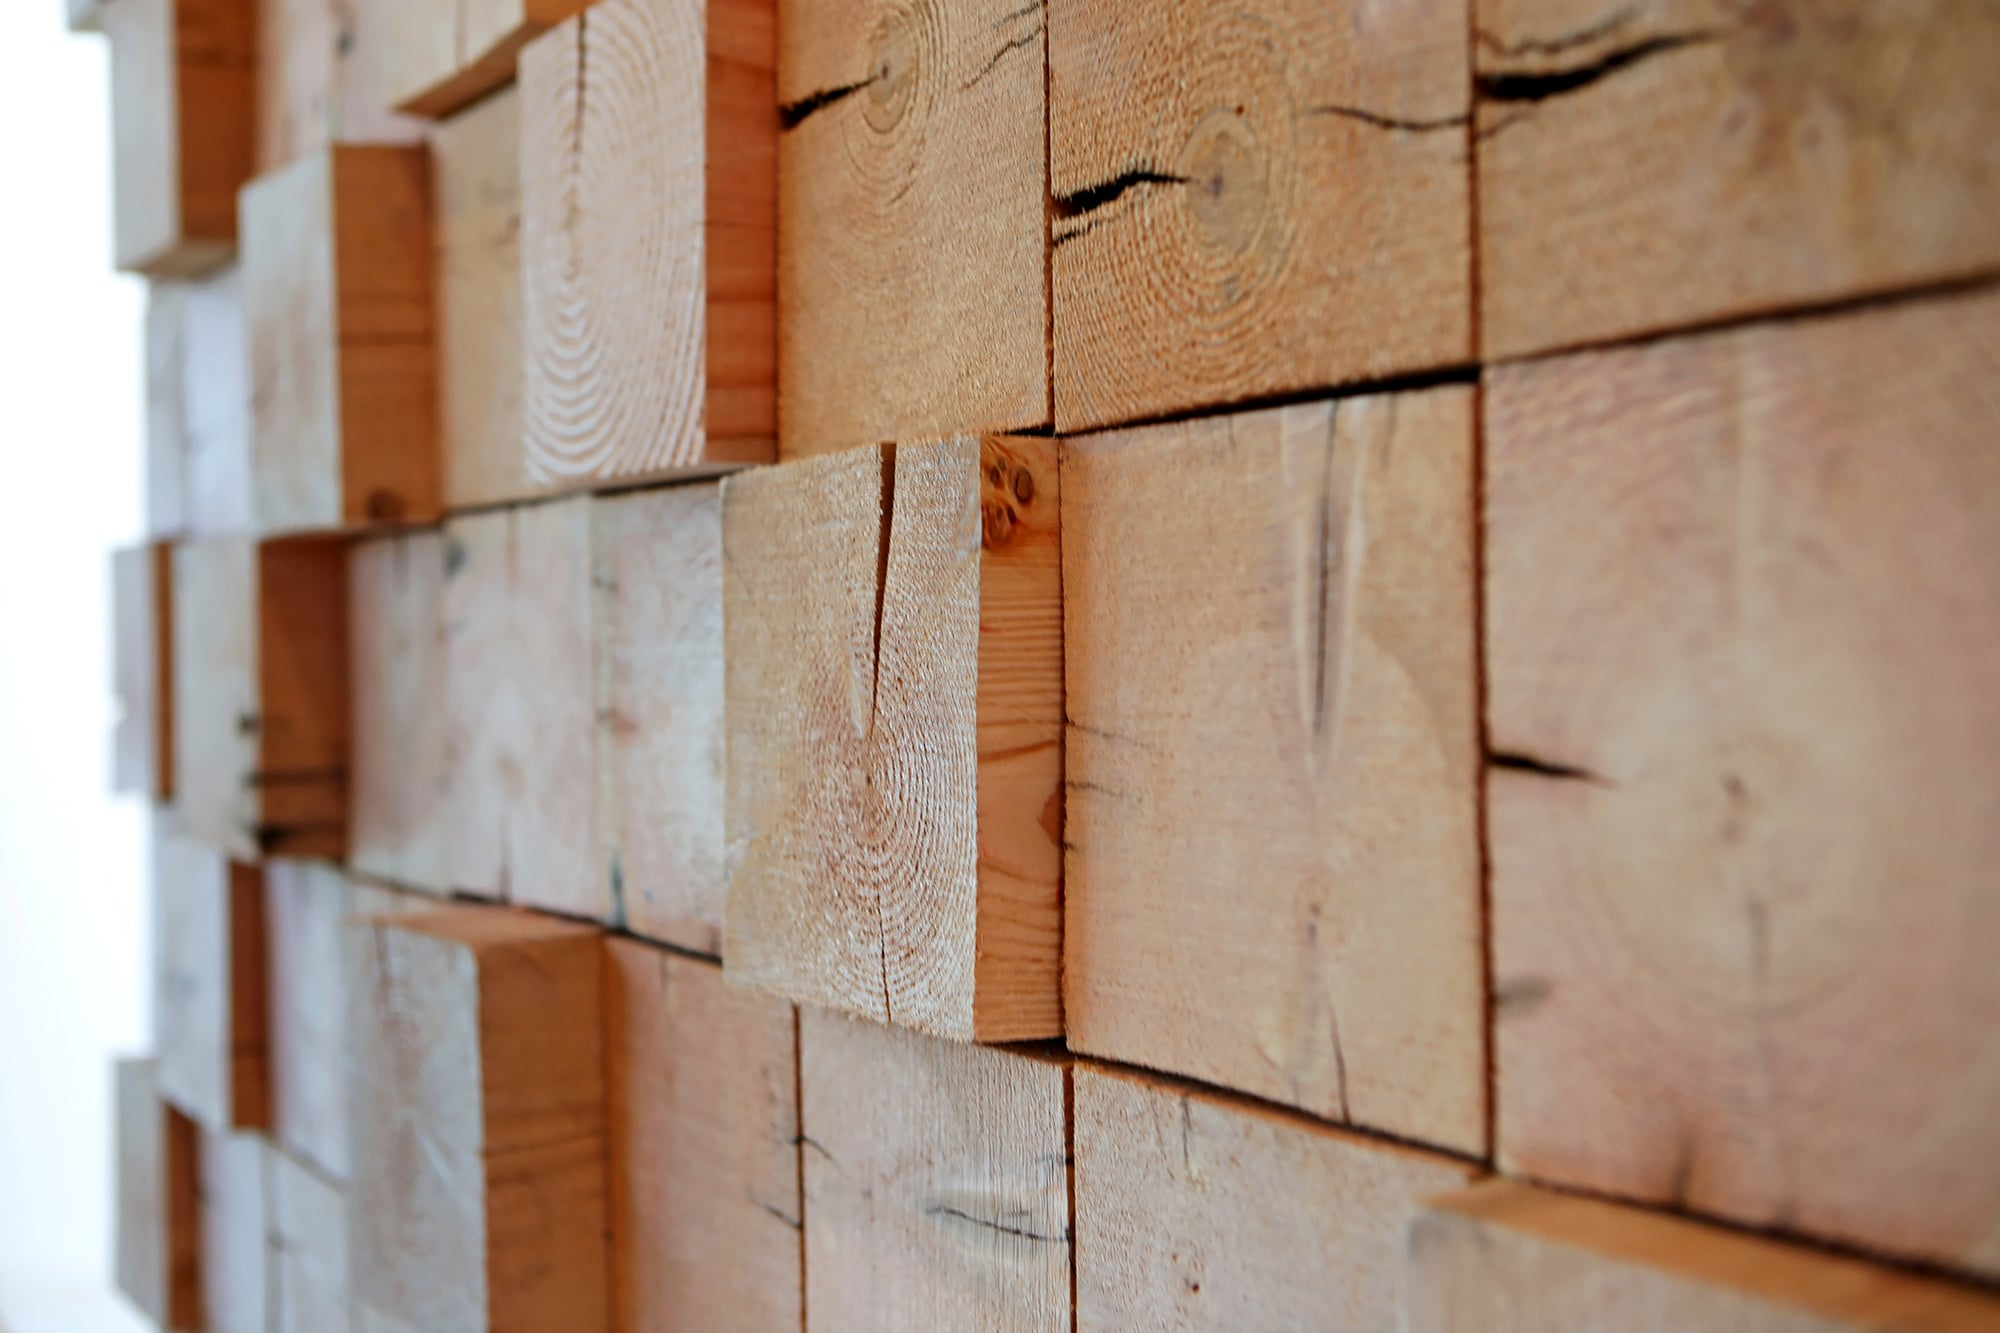 detalles de texturas de maderas para decoracin de interiores